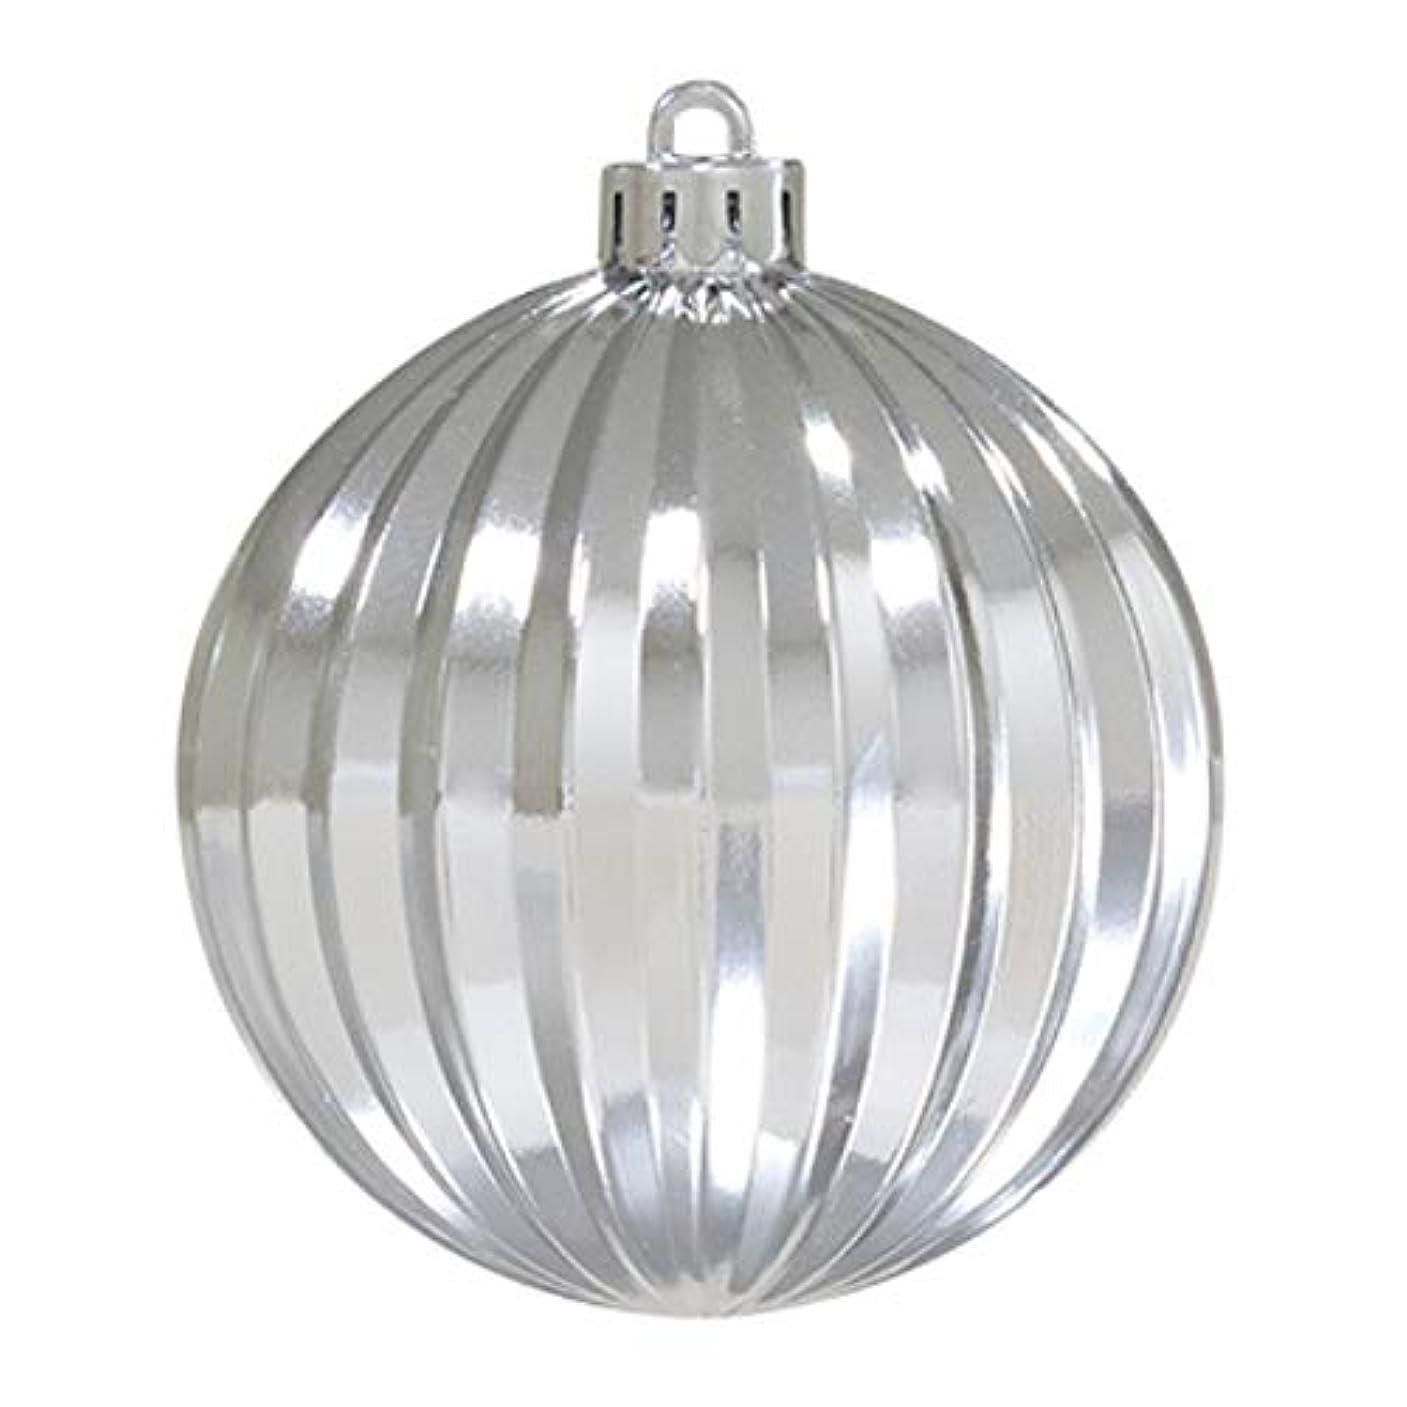 赤字銛委任する80mmストライプボール(4ケ/パック)シルバー(OXM1410SSI)[クリスマス デコレーション 飾り オーナメント ストライプボール ボール 球 玉]